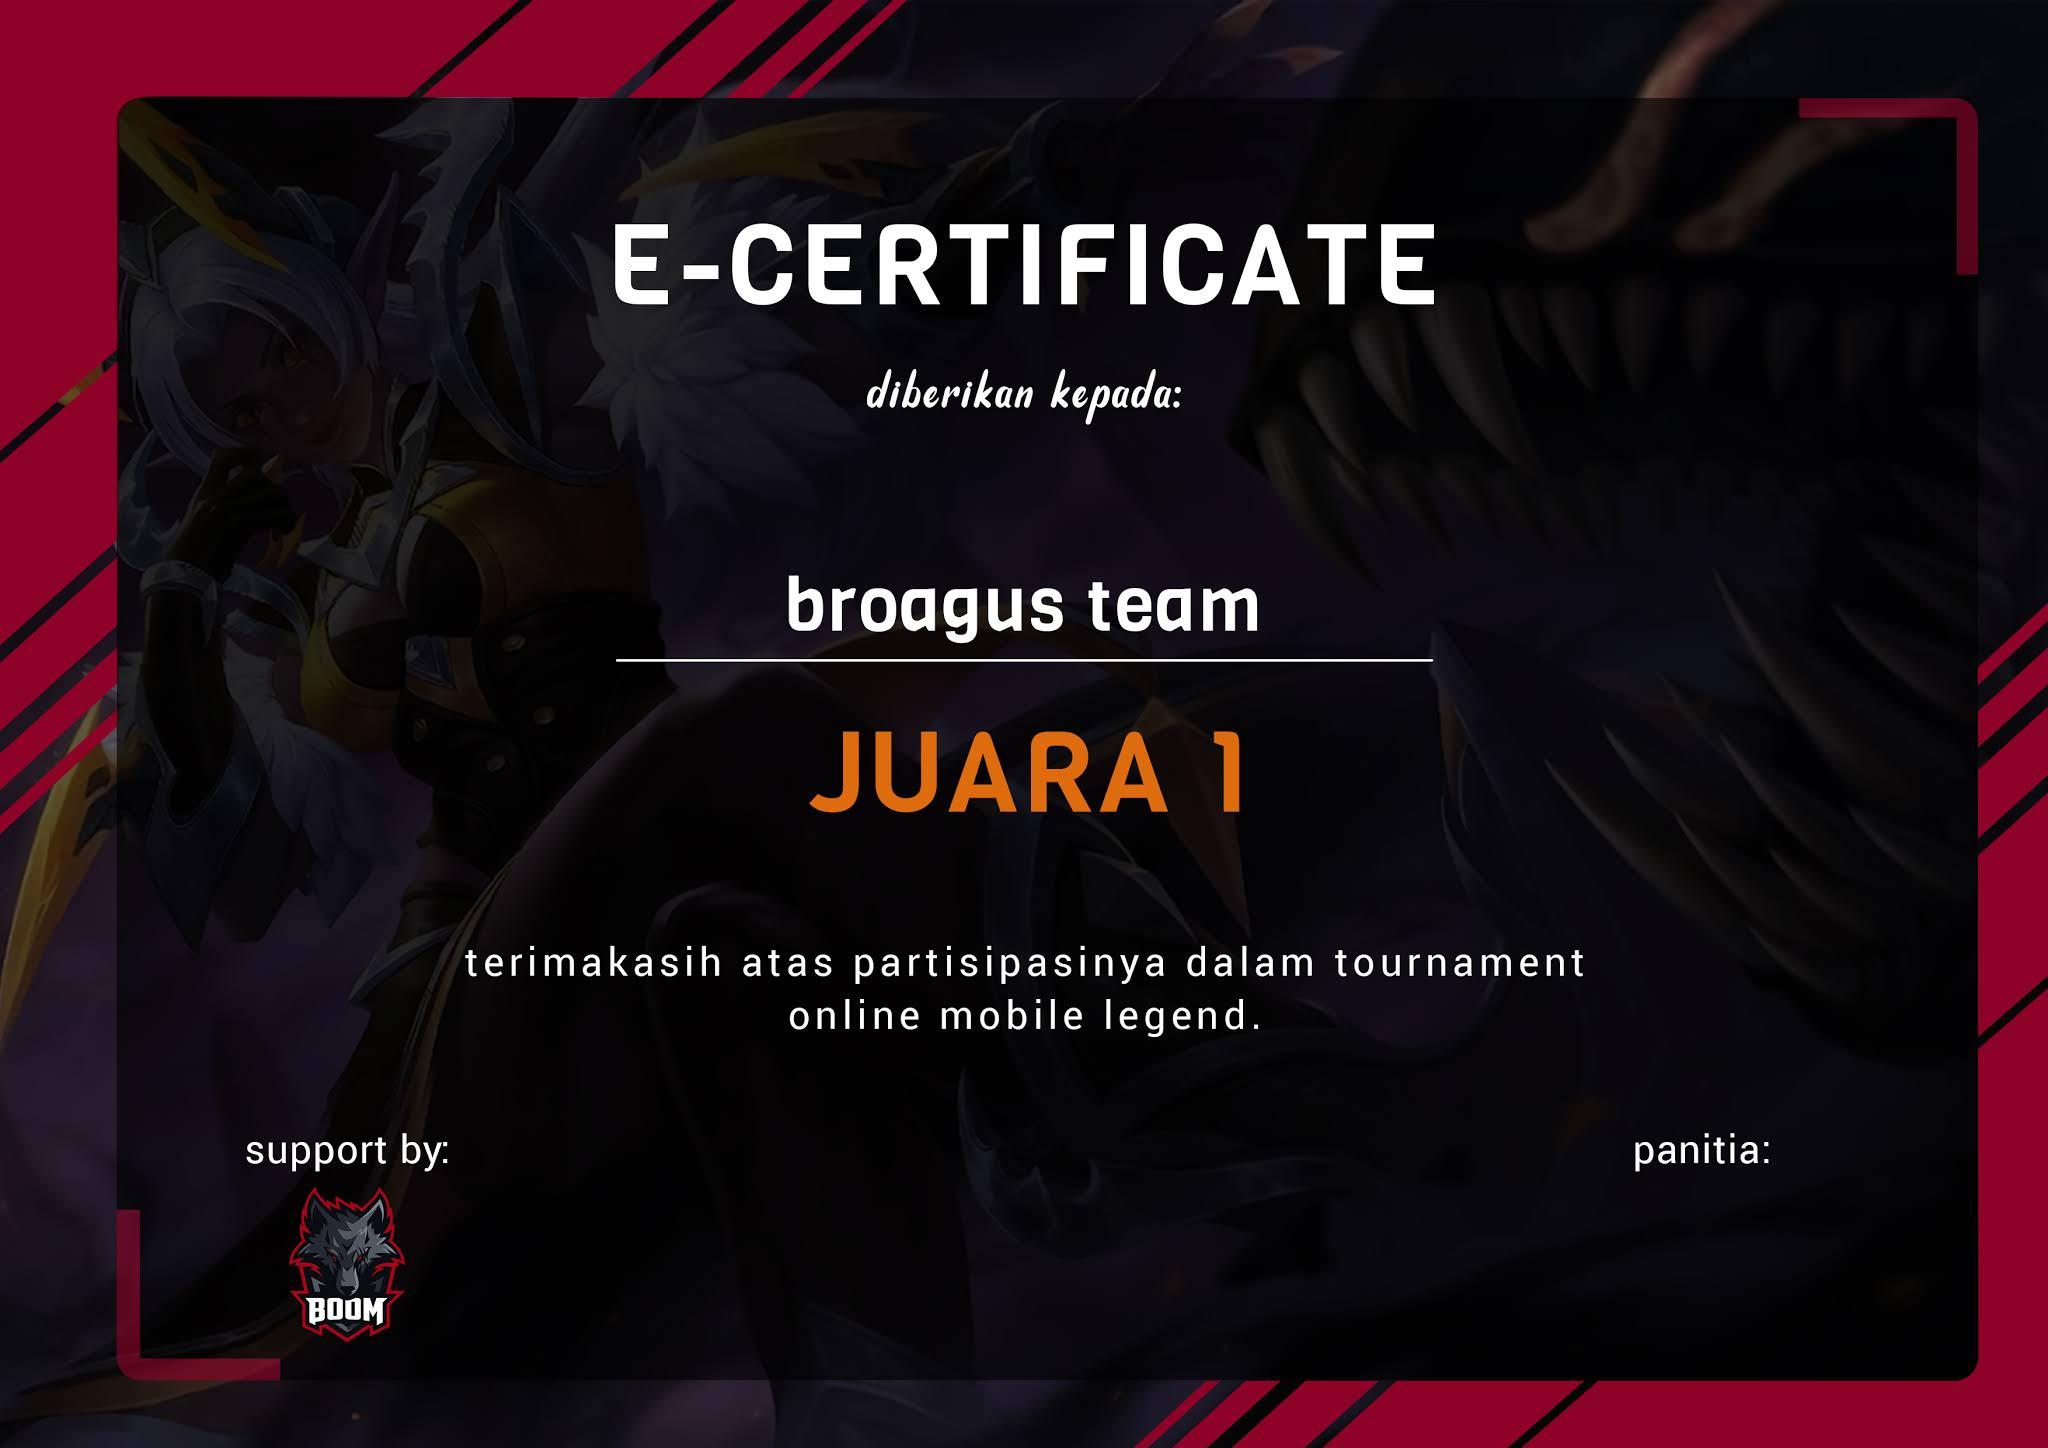 Download Mentahan Sertifikat Turnamen Mobile Legend Gratis Psd Broagus